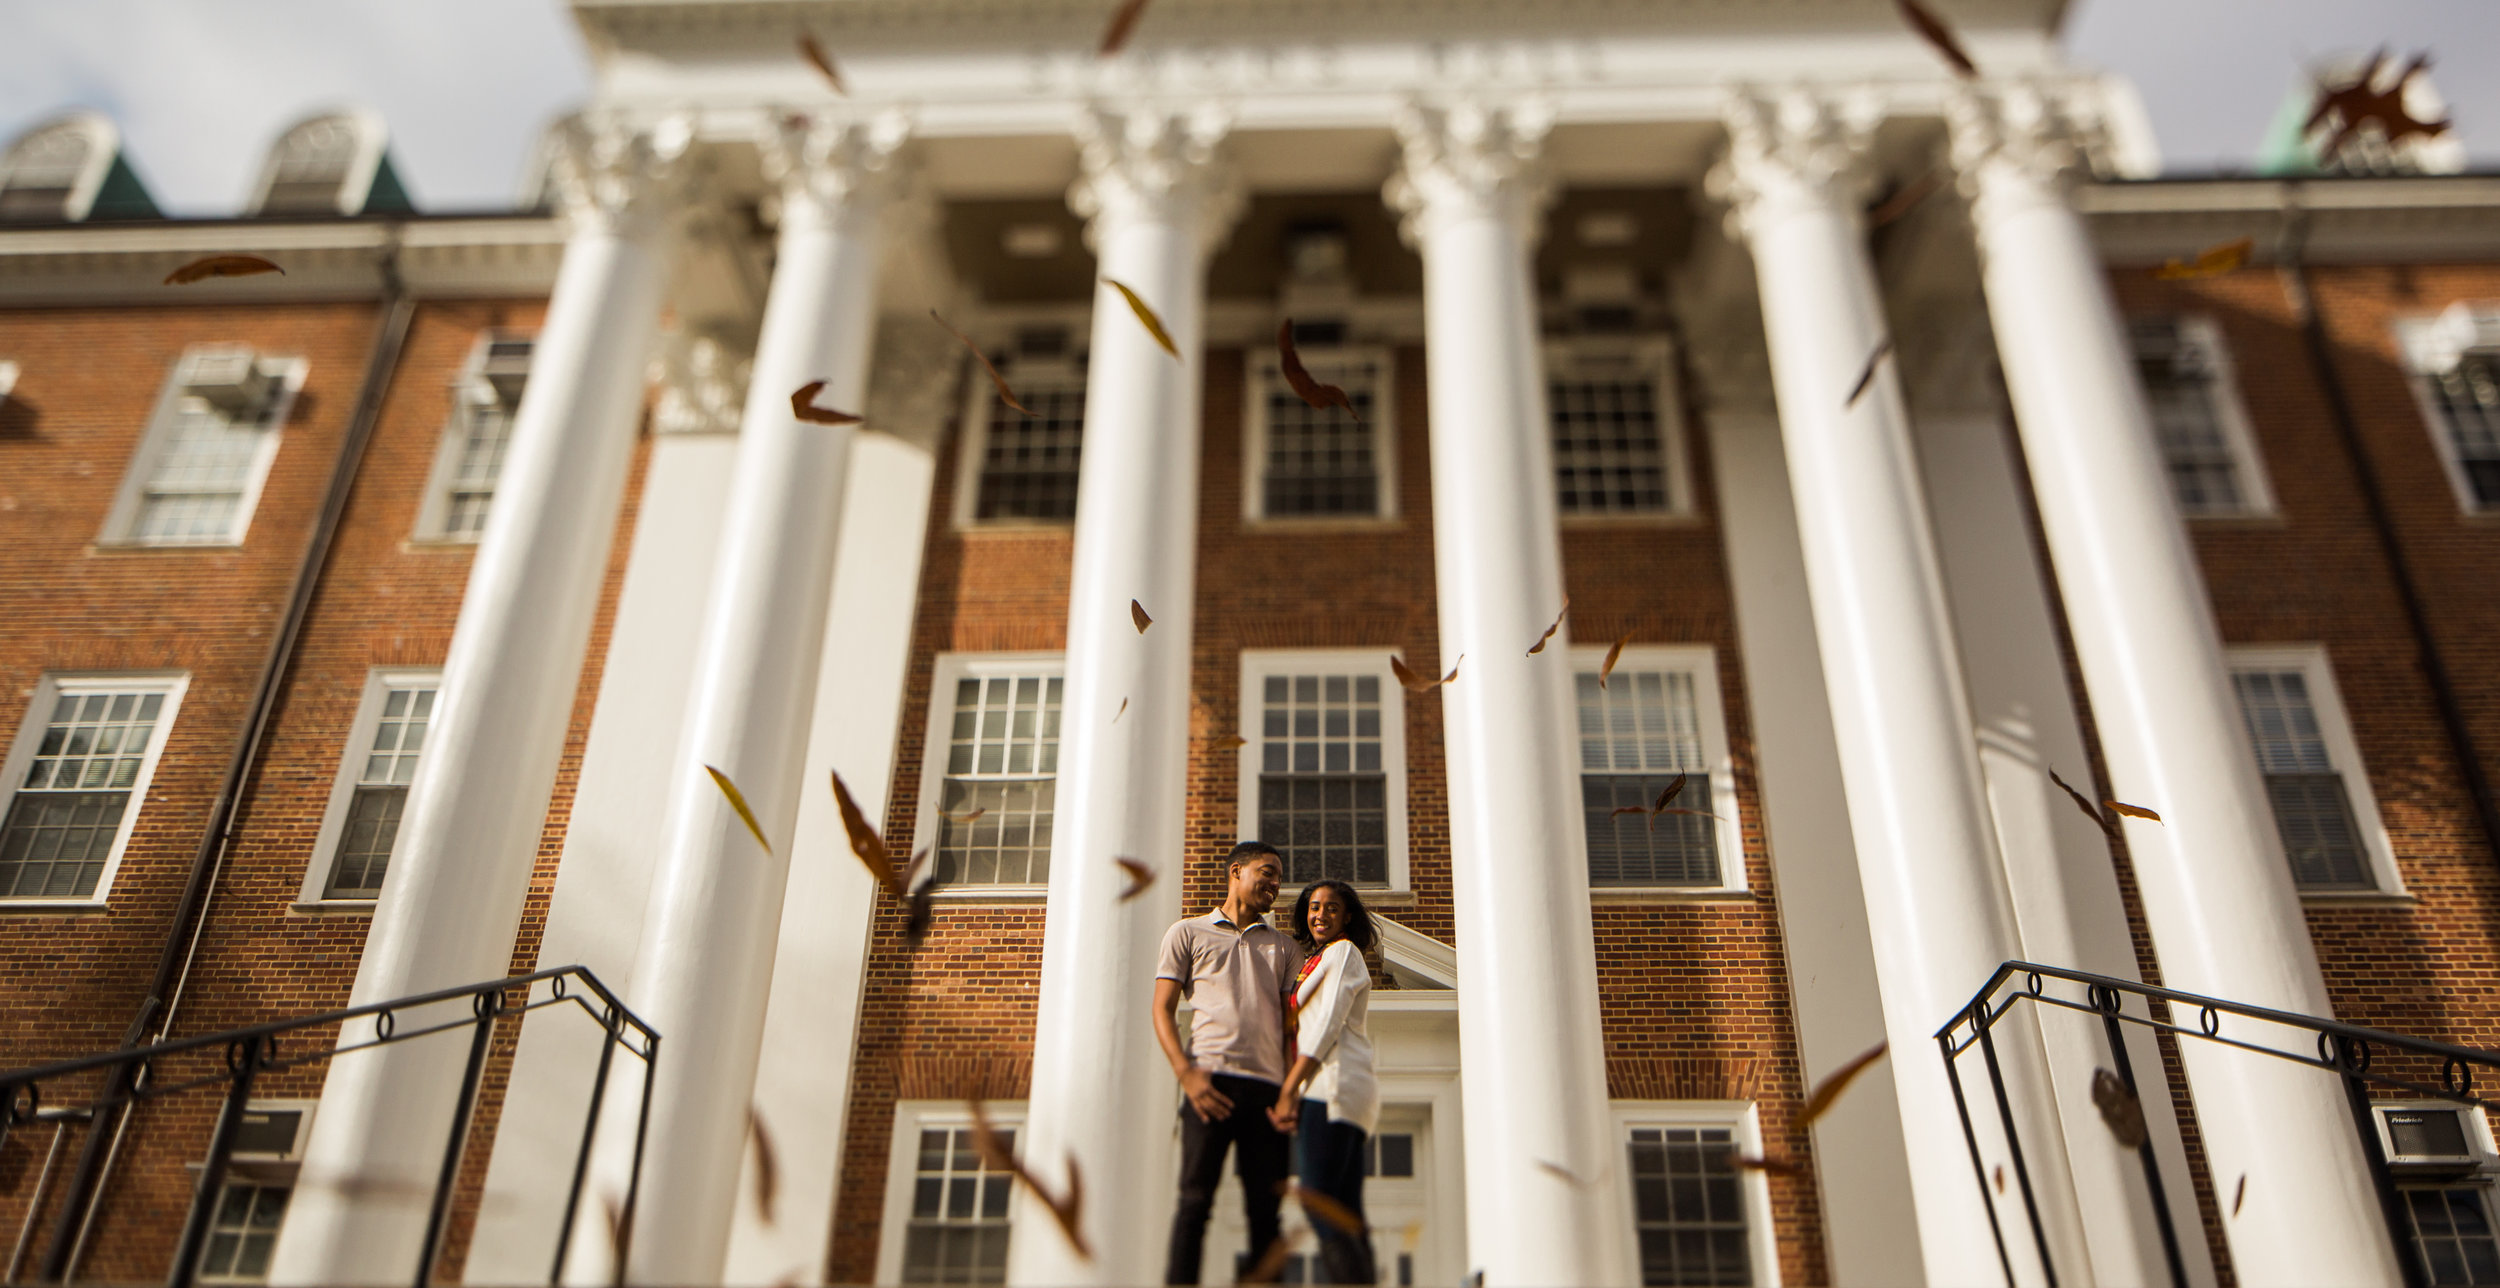 University of Maryland Engagement Session Photography-16.jpg